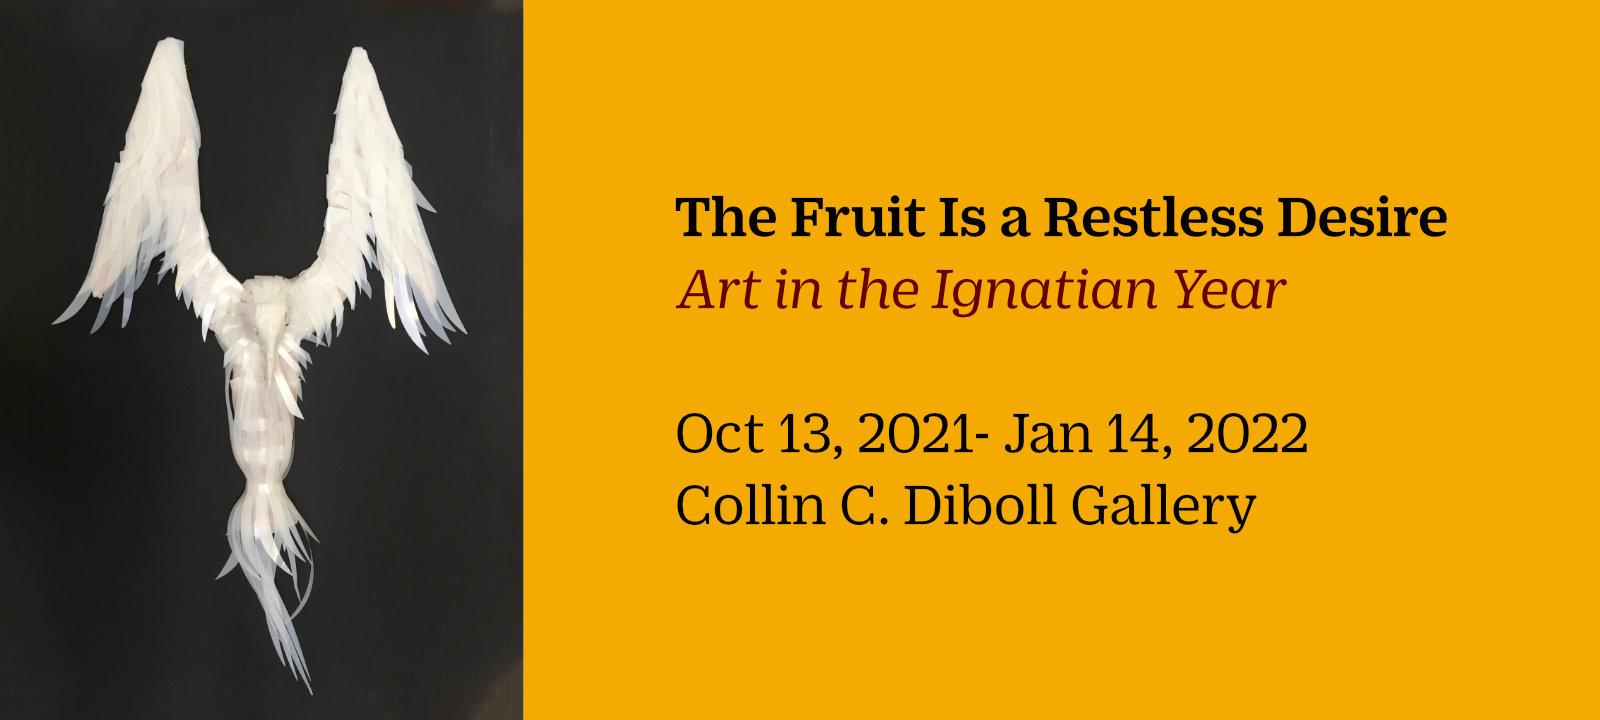 Exhibition runs October 13 - January 14, Diboll Gallery